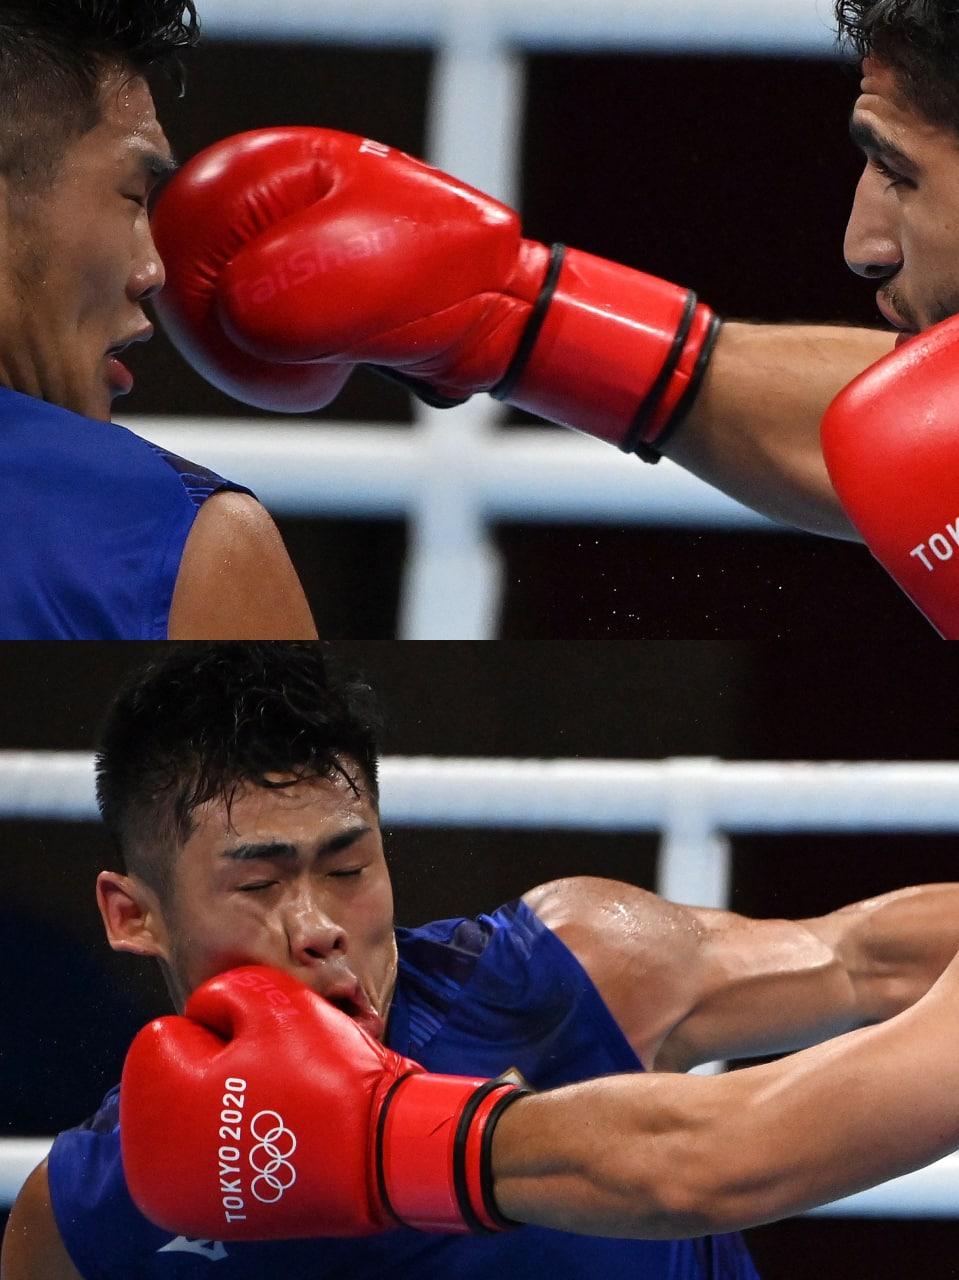 تصاویر منتخب خبرگزاری فرانسه از مسابقه «موسوی» و بوکسور ژاپنی